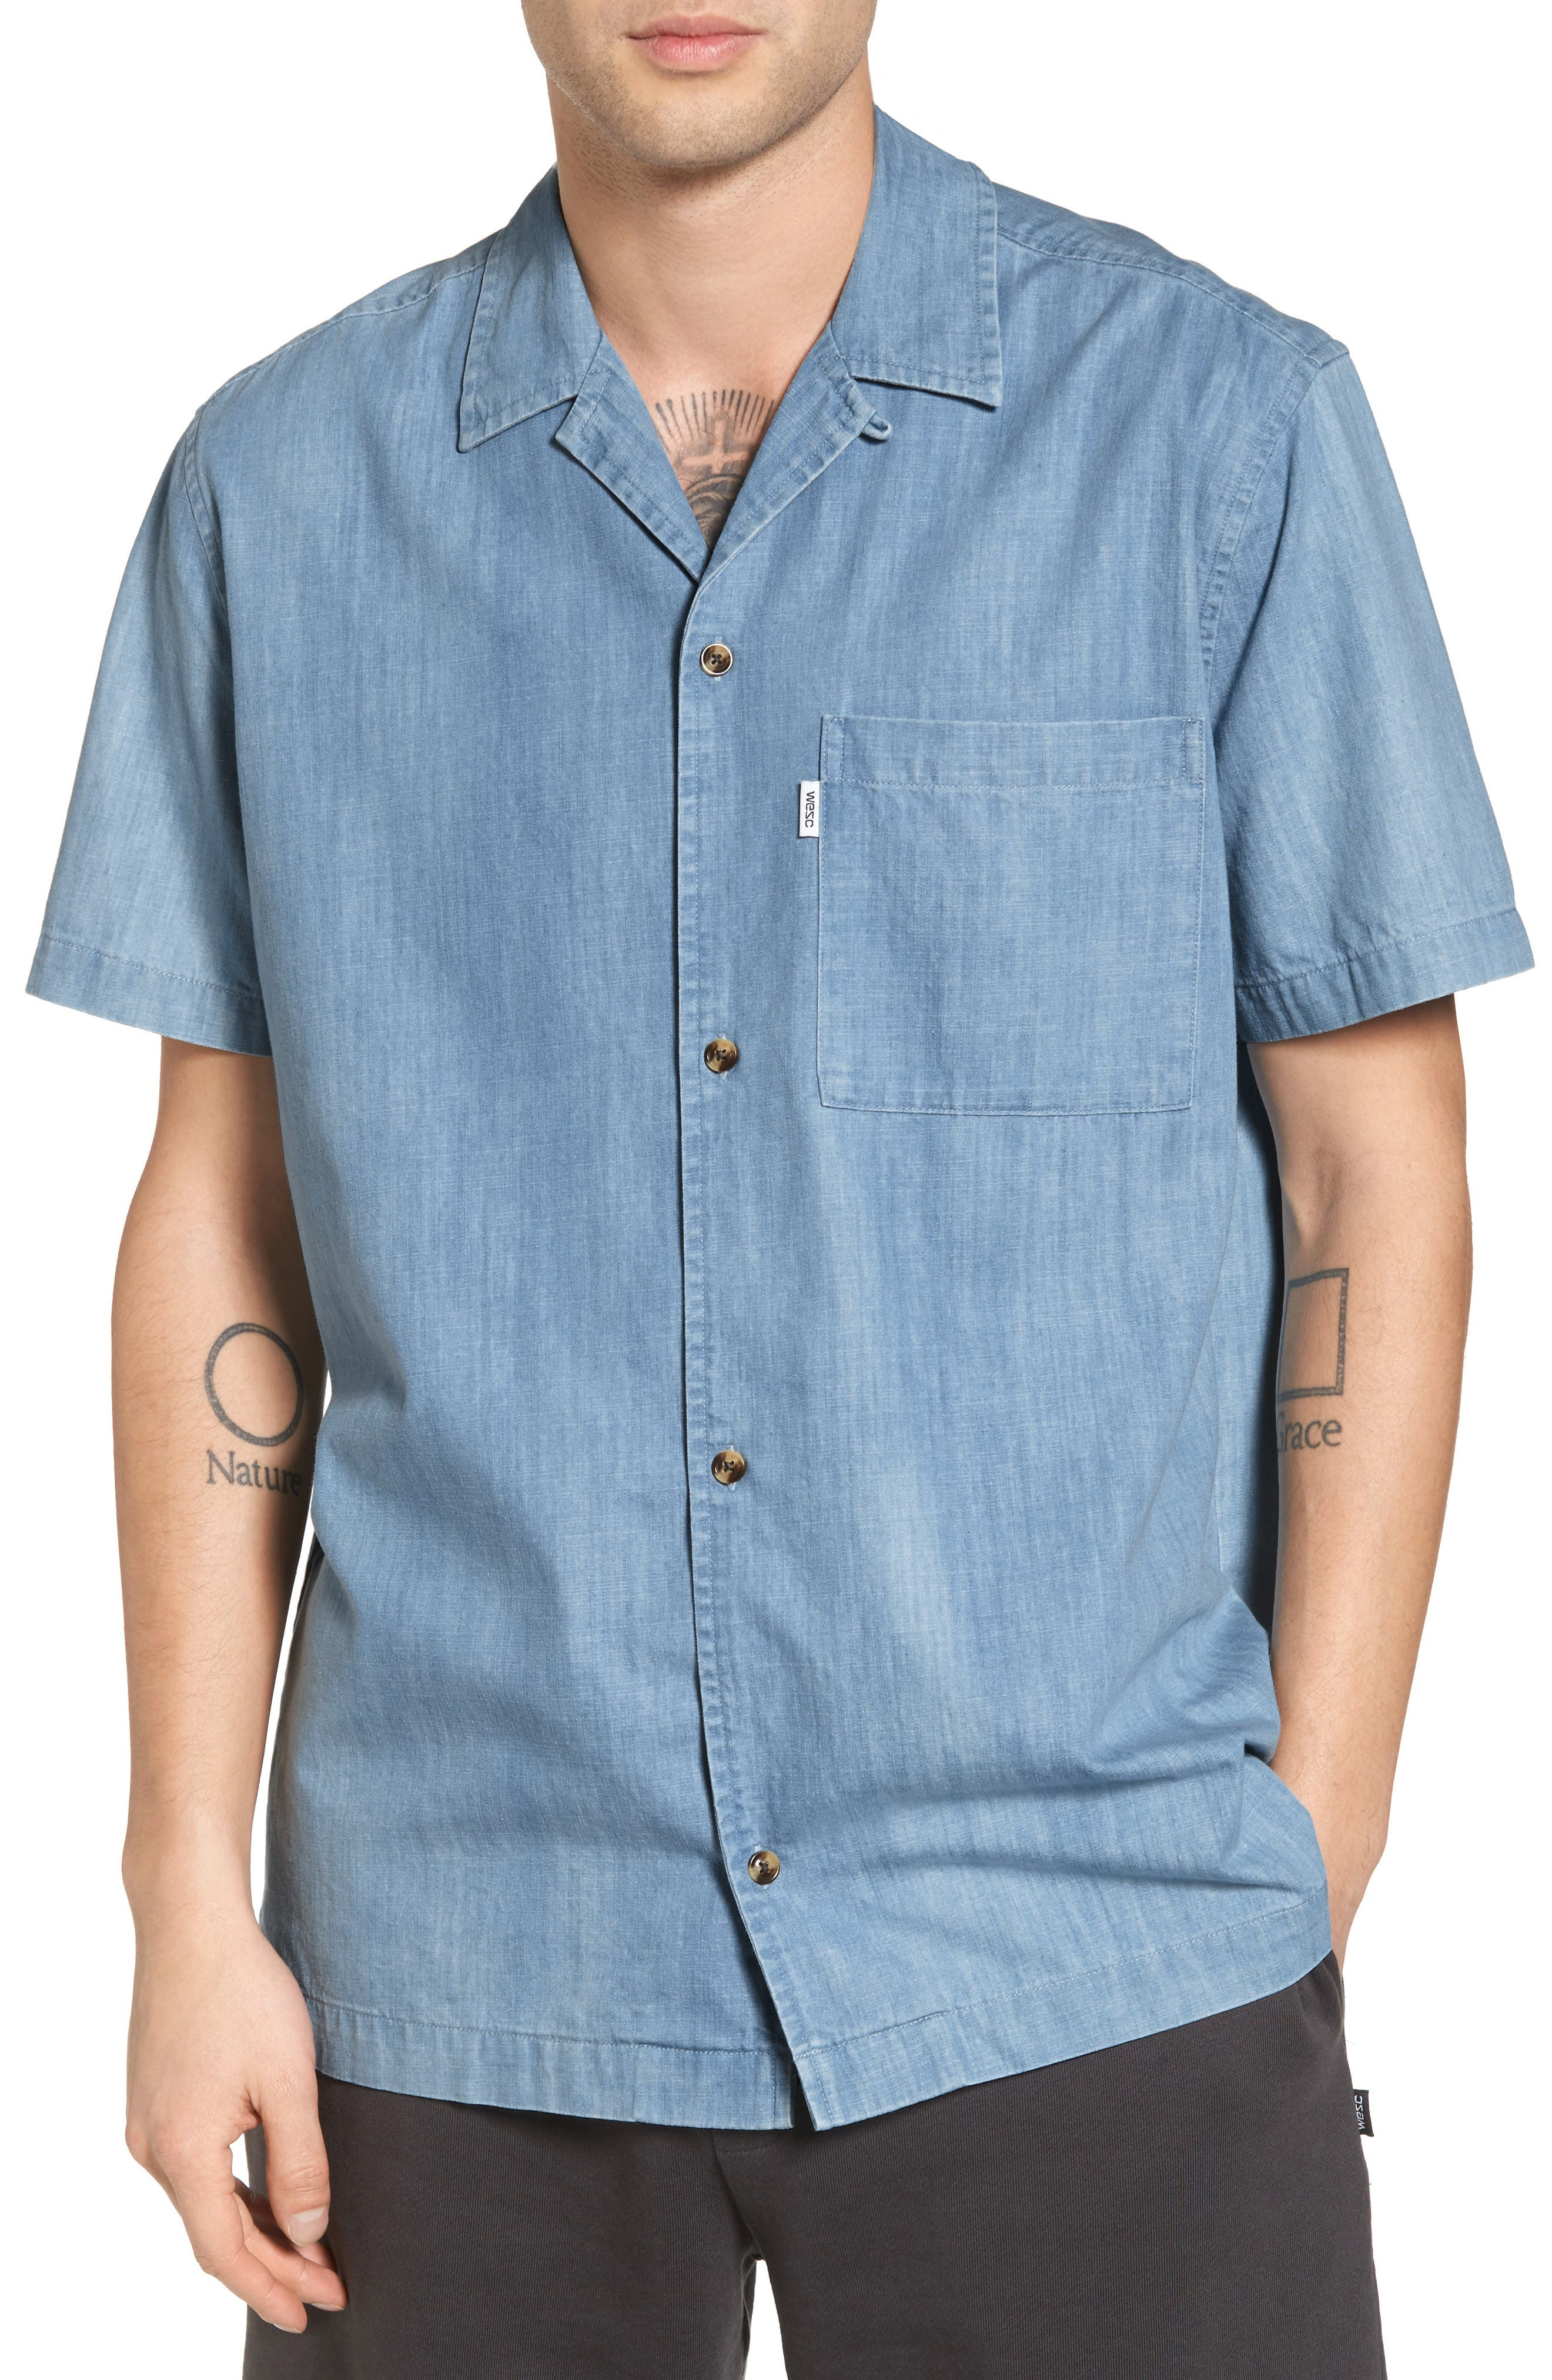 Nevin Short Sleeve Denim Shirt,                             Main thumbnail 1, color,                             Polar Blue